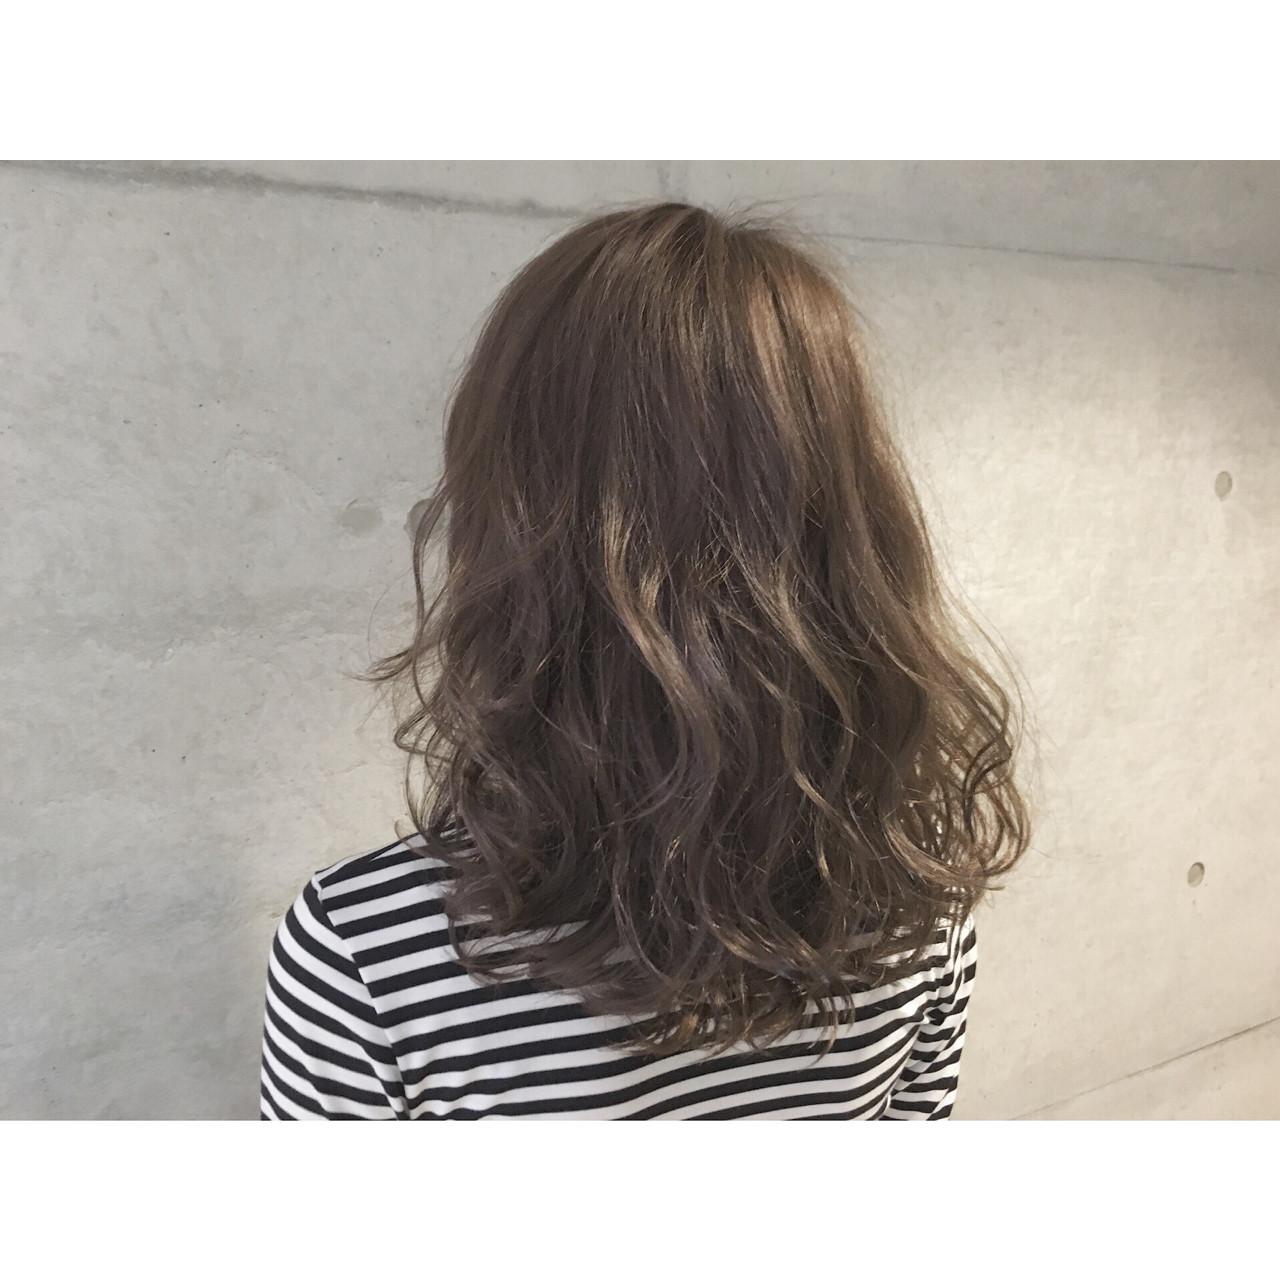 ハイライト グラデーションカラー アッシュ ミディアム ヘアスタイルや髪型の写真・画像 | Sayaka / diptyMOILA